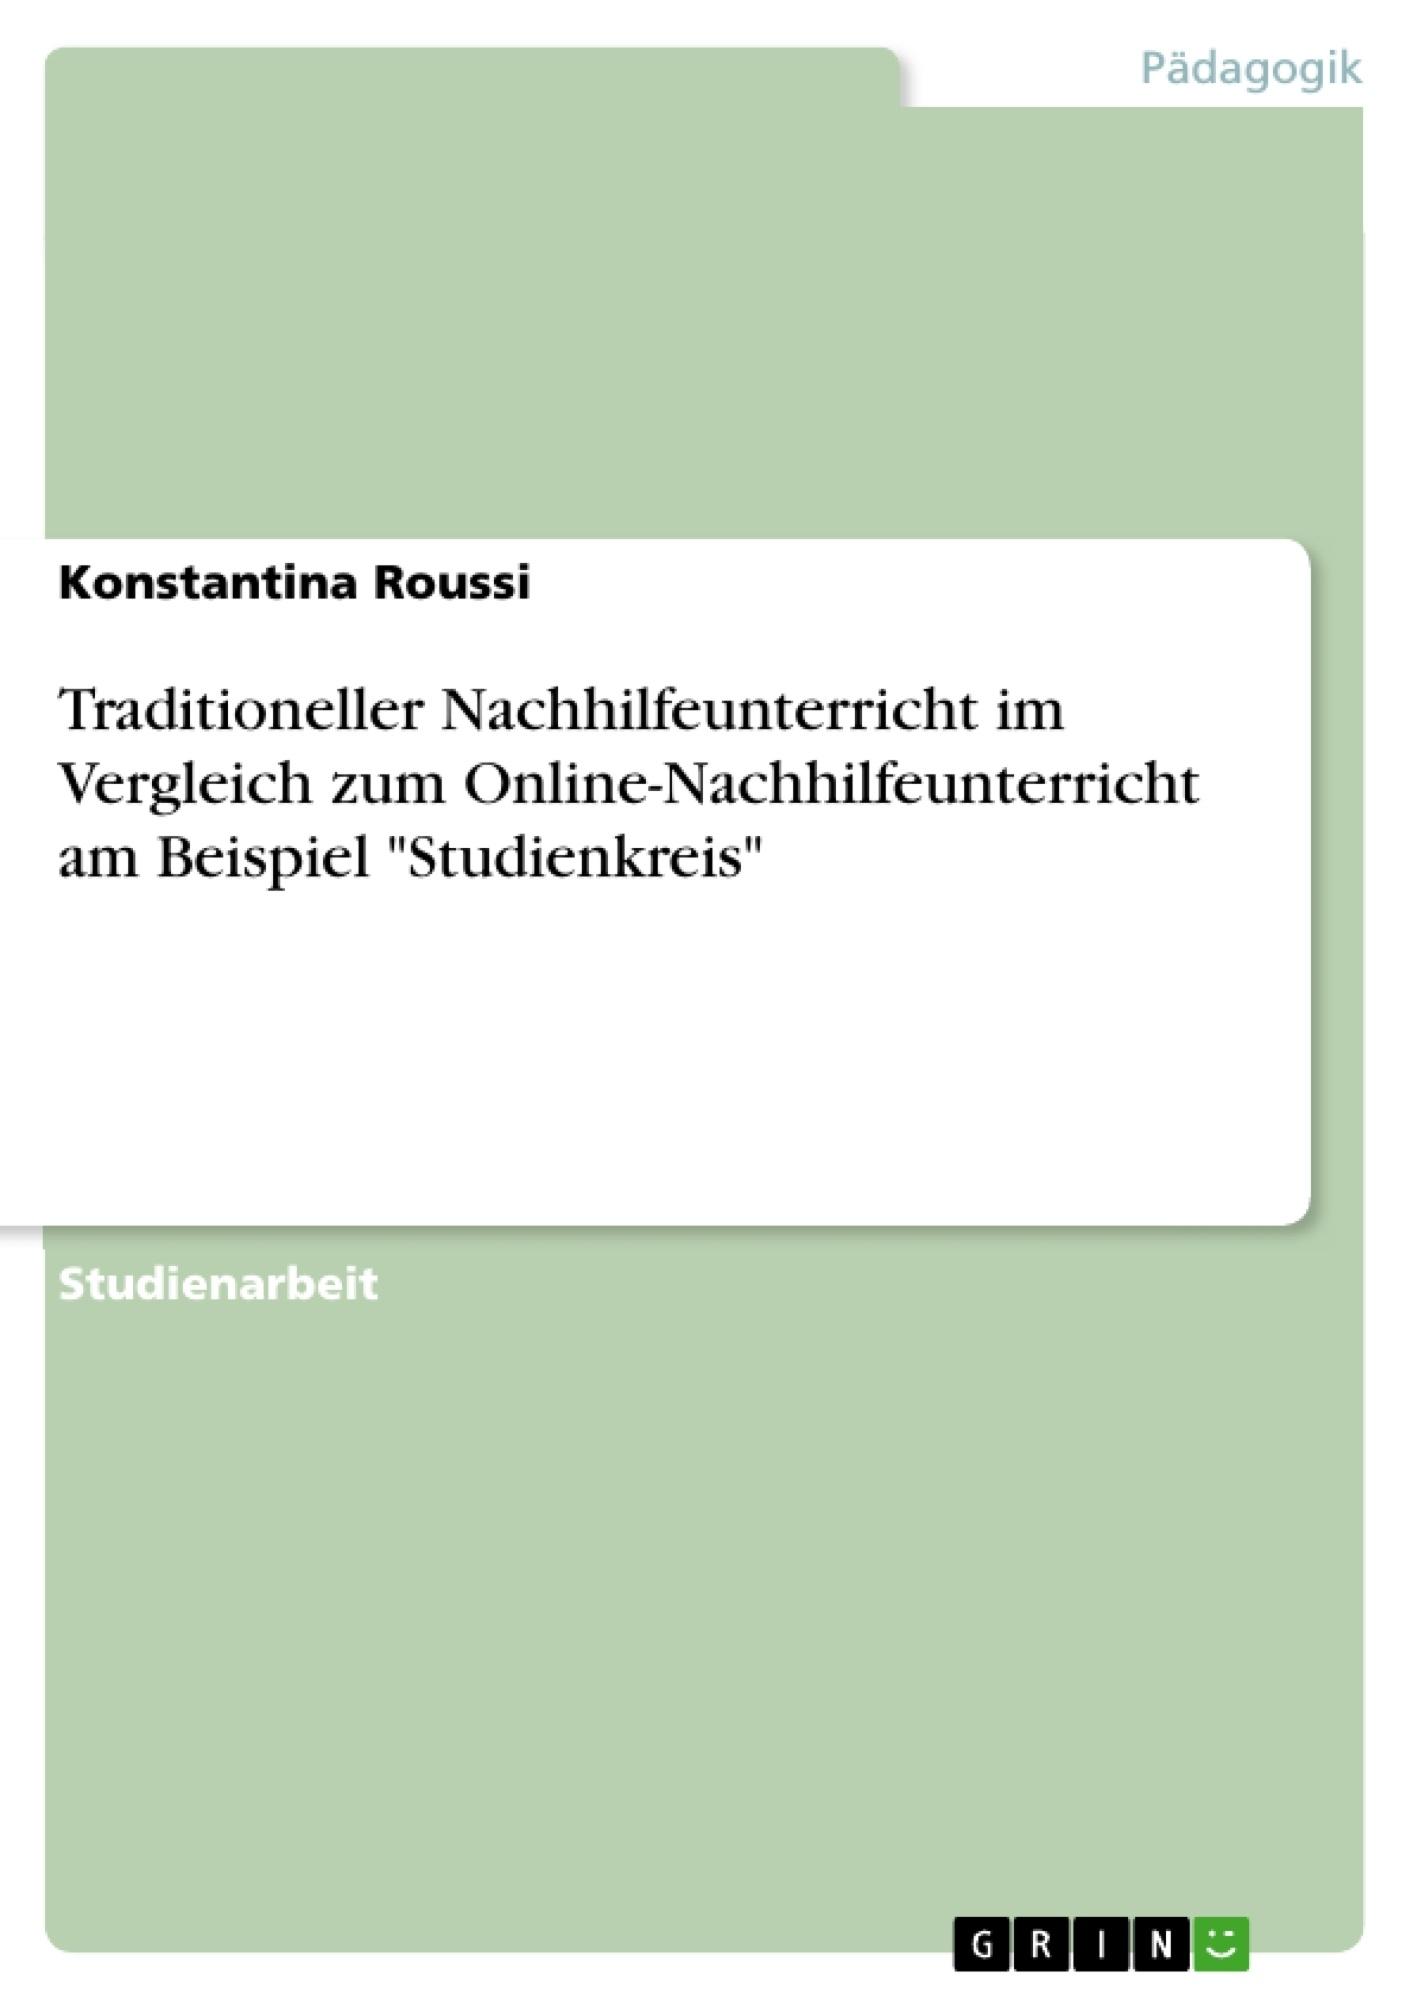 """Titel: Traditioneller Nachhilfeunterricht im Vergleich zum Online-Nachhilfeunterricht am Beispiel """"Studienkreis"""""""